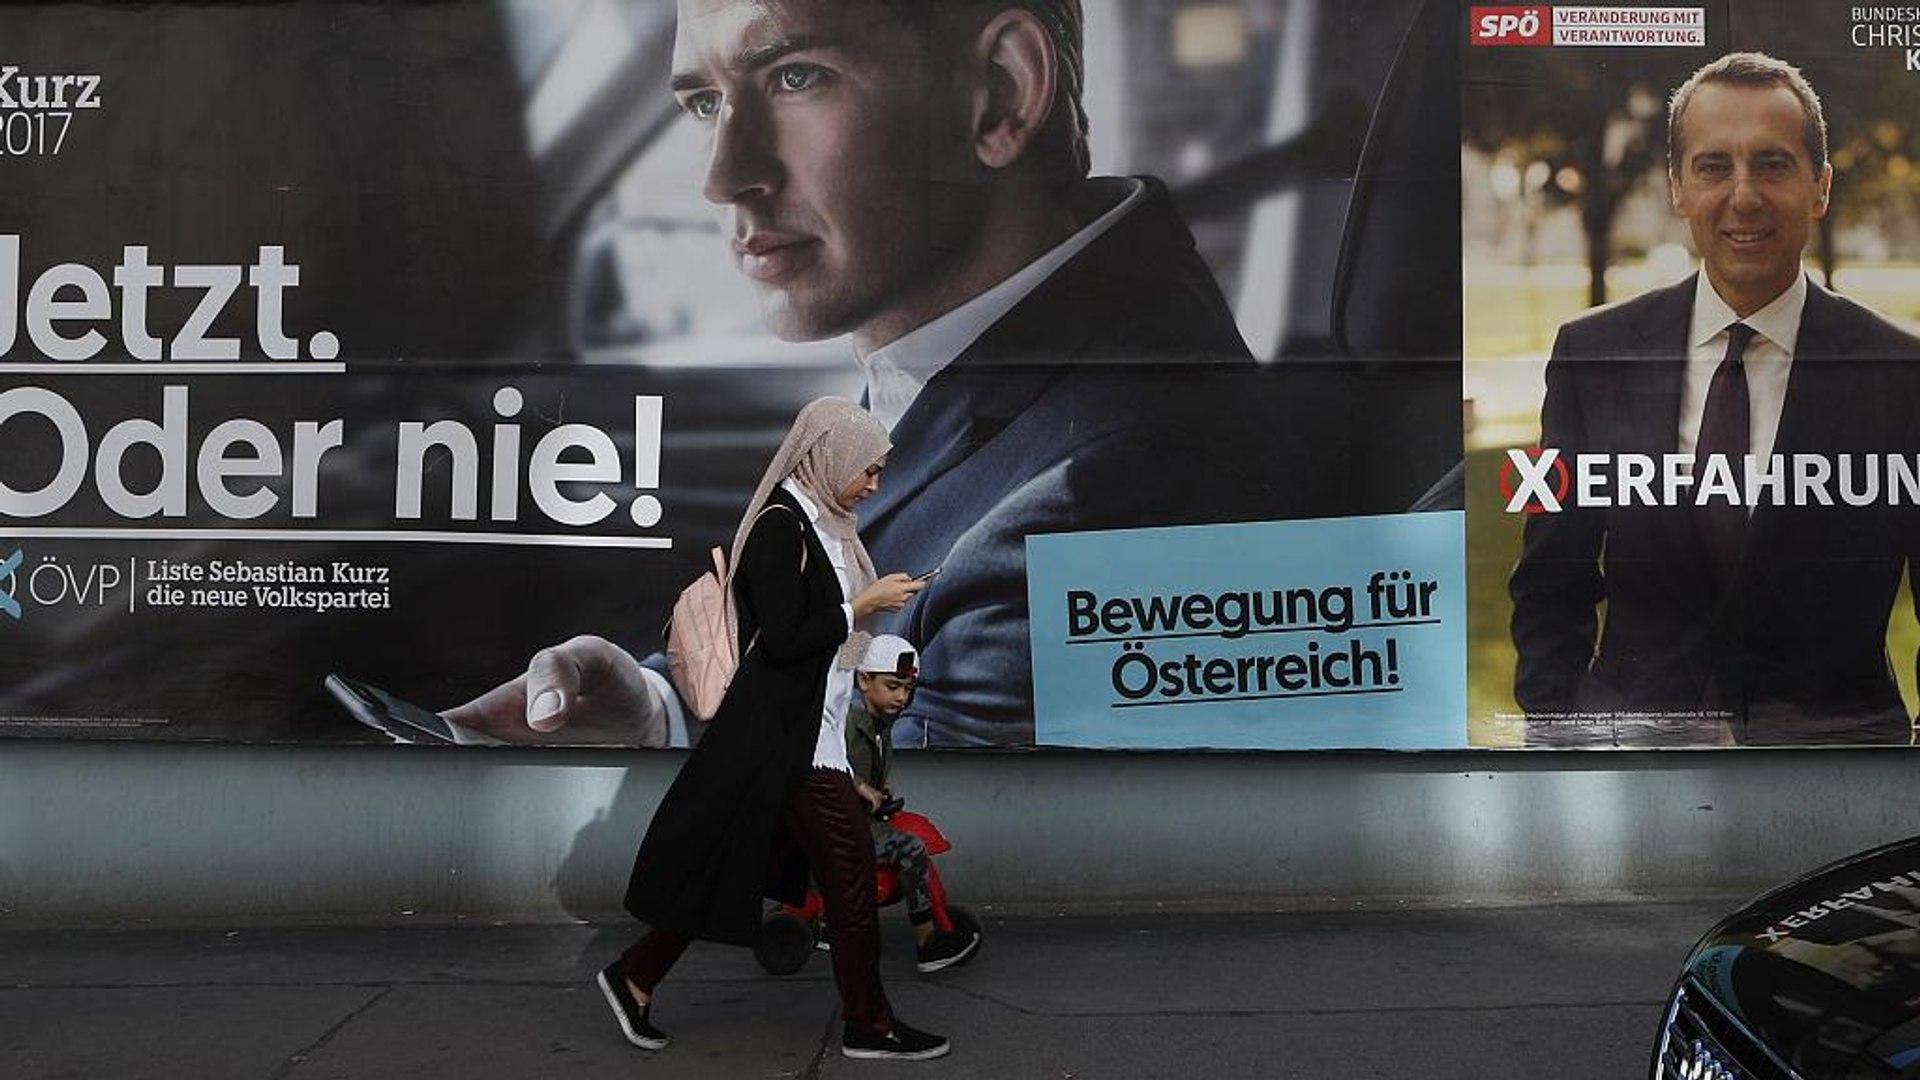 Avusturya'daki seçimlerde ilk sandık çıkış anketlerine göre merkez sağ Avusturya Halk Partisi ö